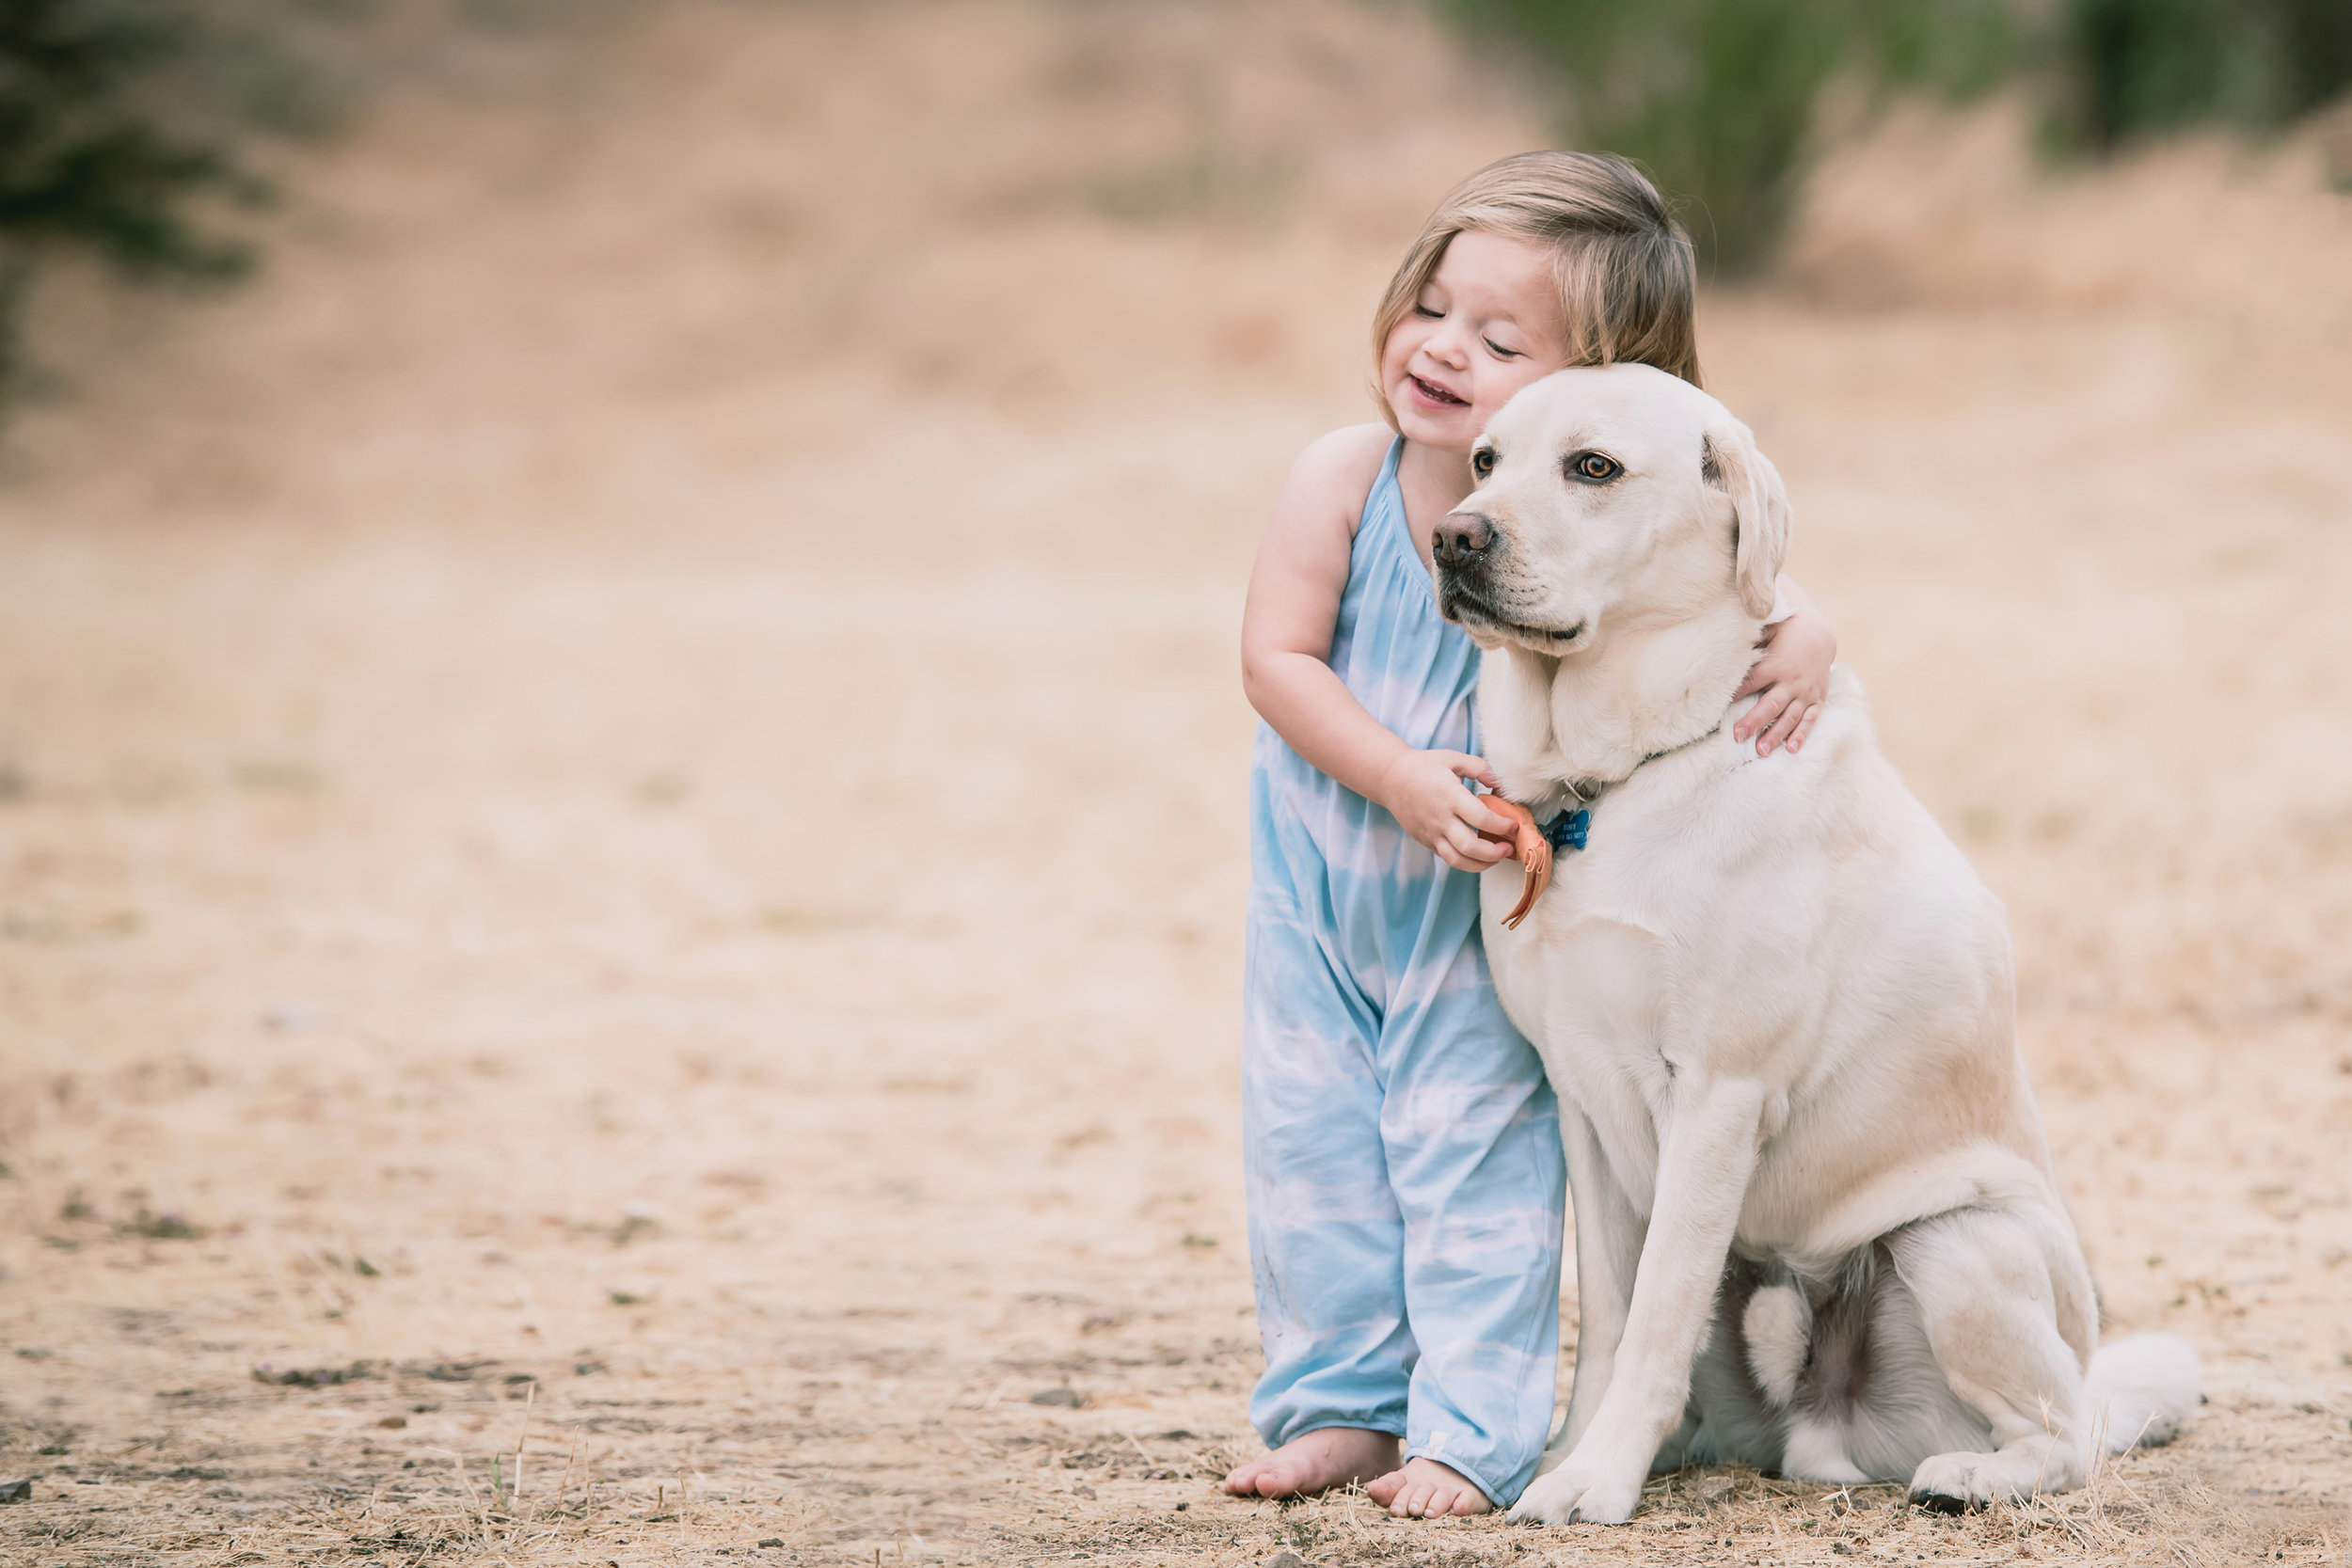 girl-hugging-dog-tokileephotography.jpg